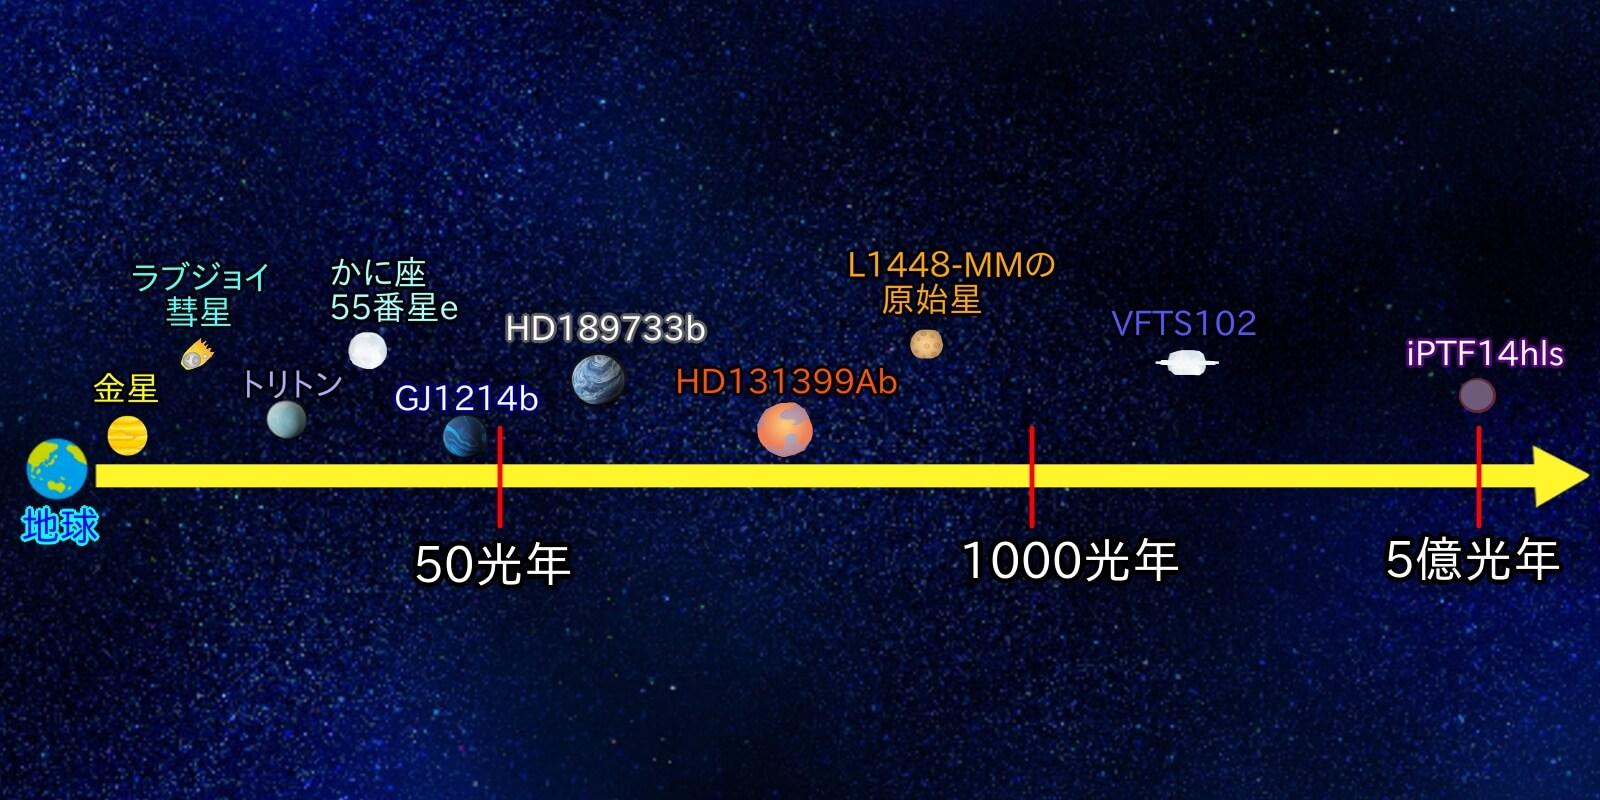 不思議な星たちと地球の距離についての図